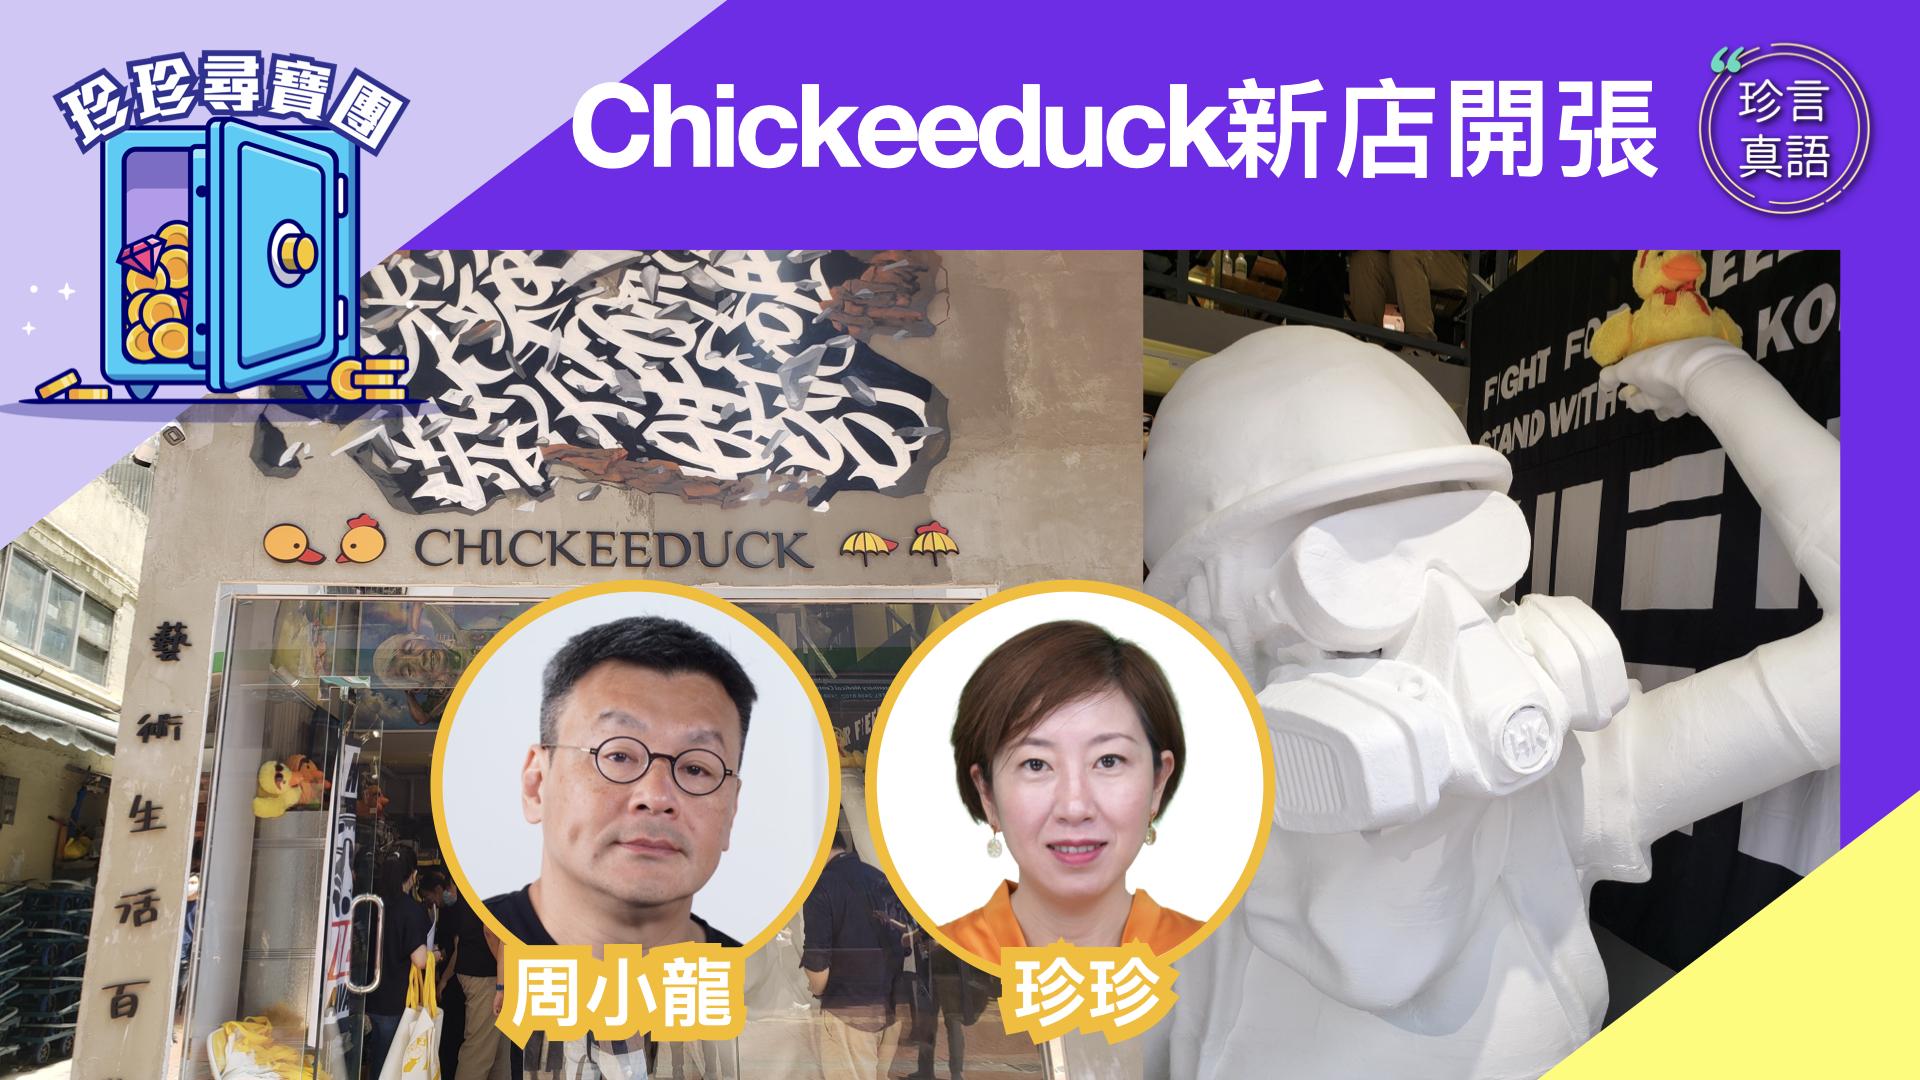 【珍珍尋寶團】周小龍Chickeeduck藝術生活百貨荃灣新店開幕。(大紀元製圖)